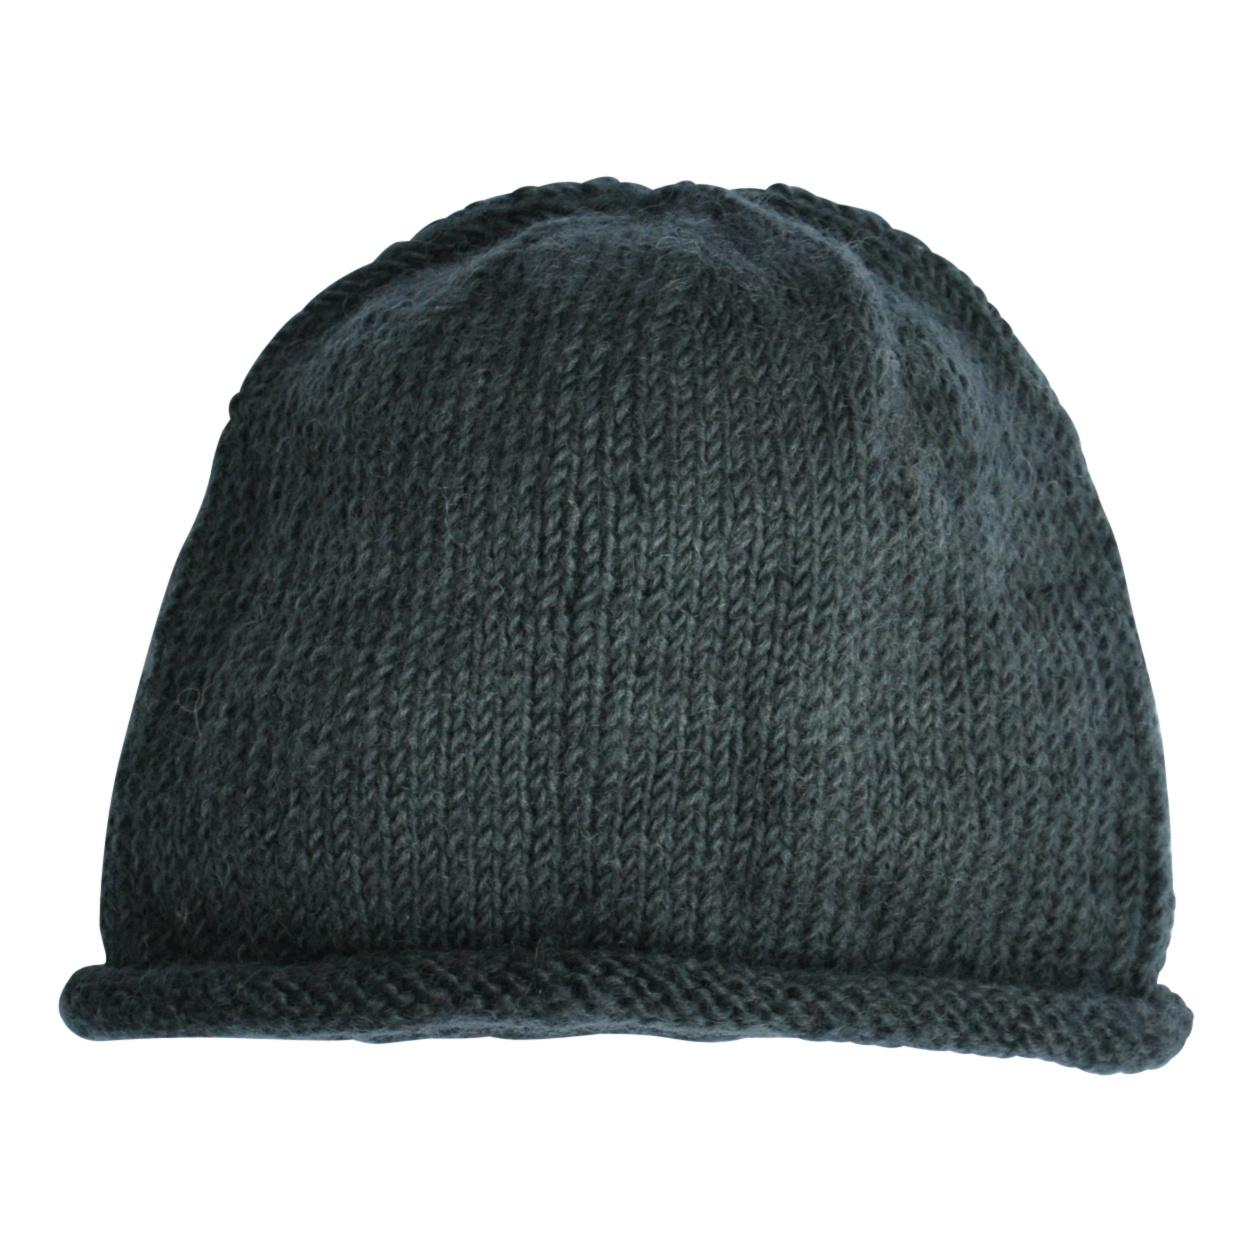 Hats over heels Hunter hat   Dark grey